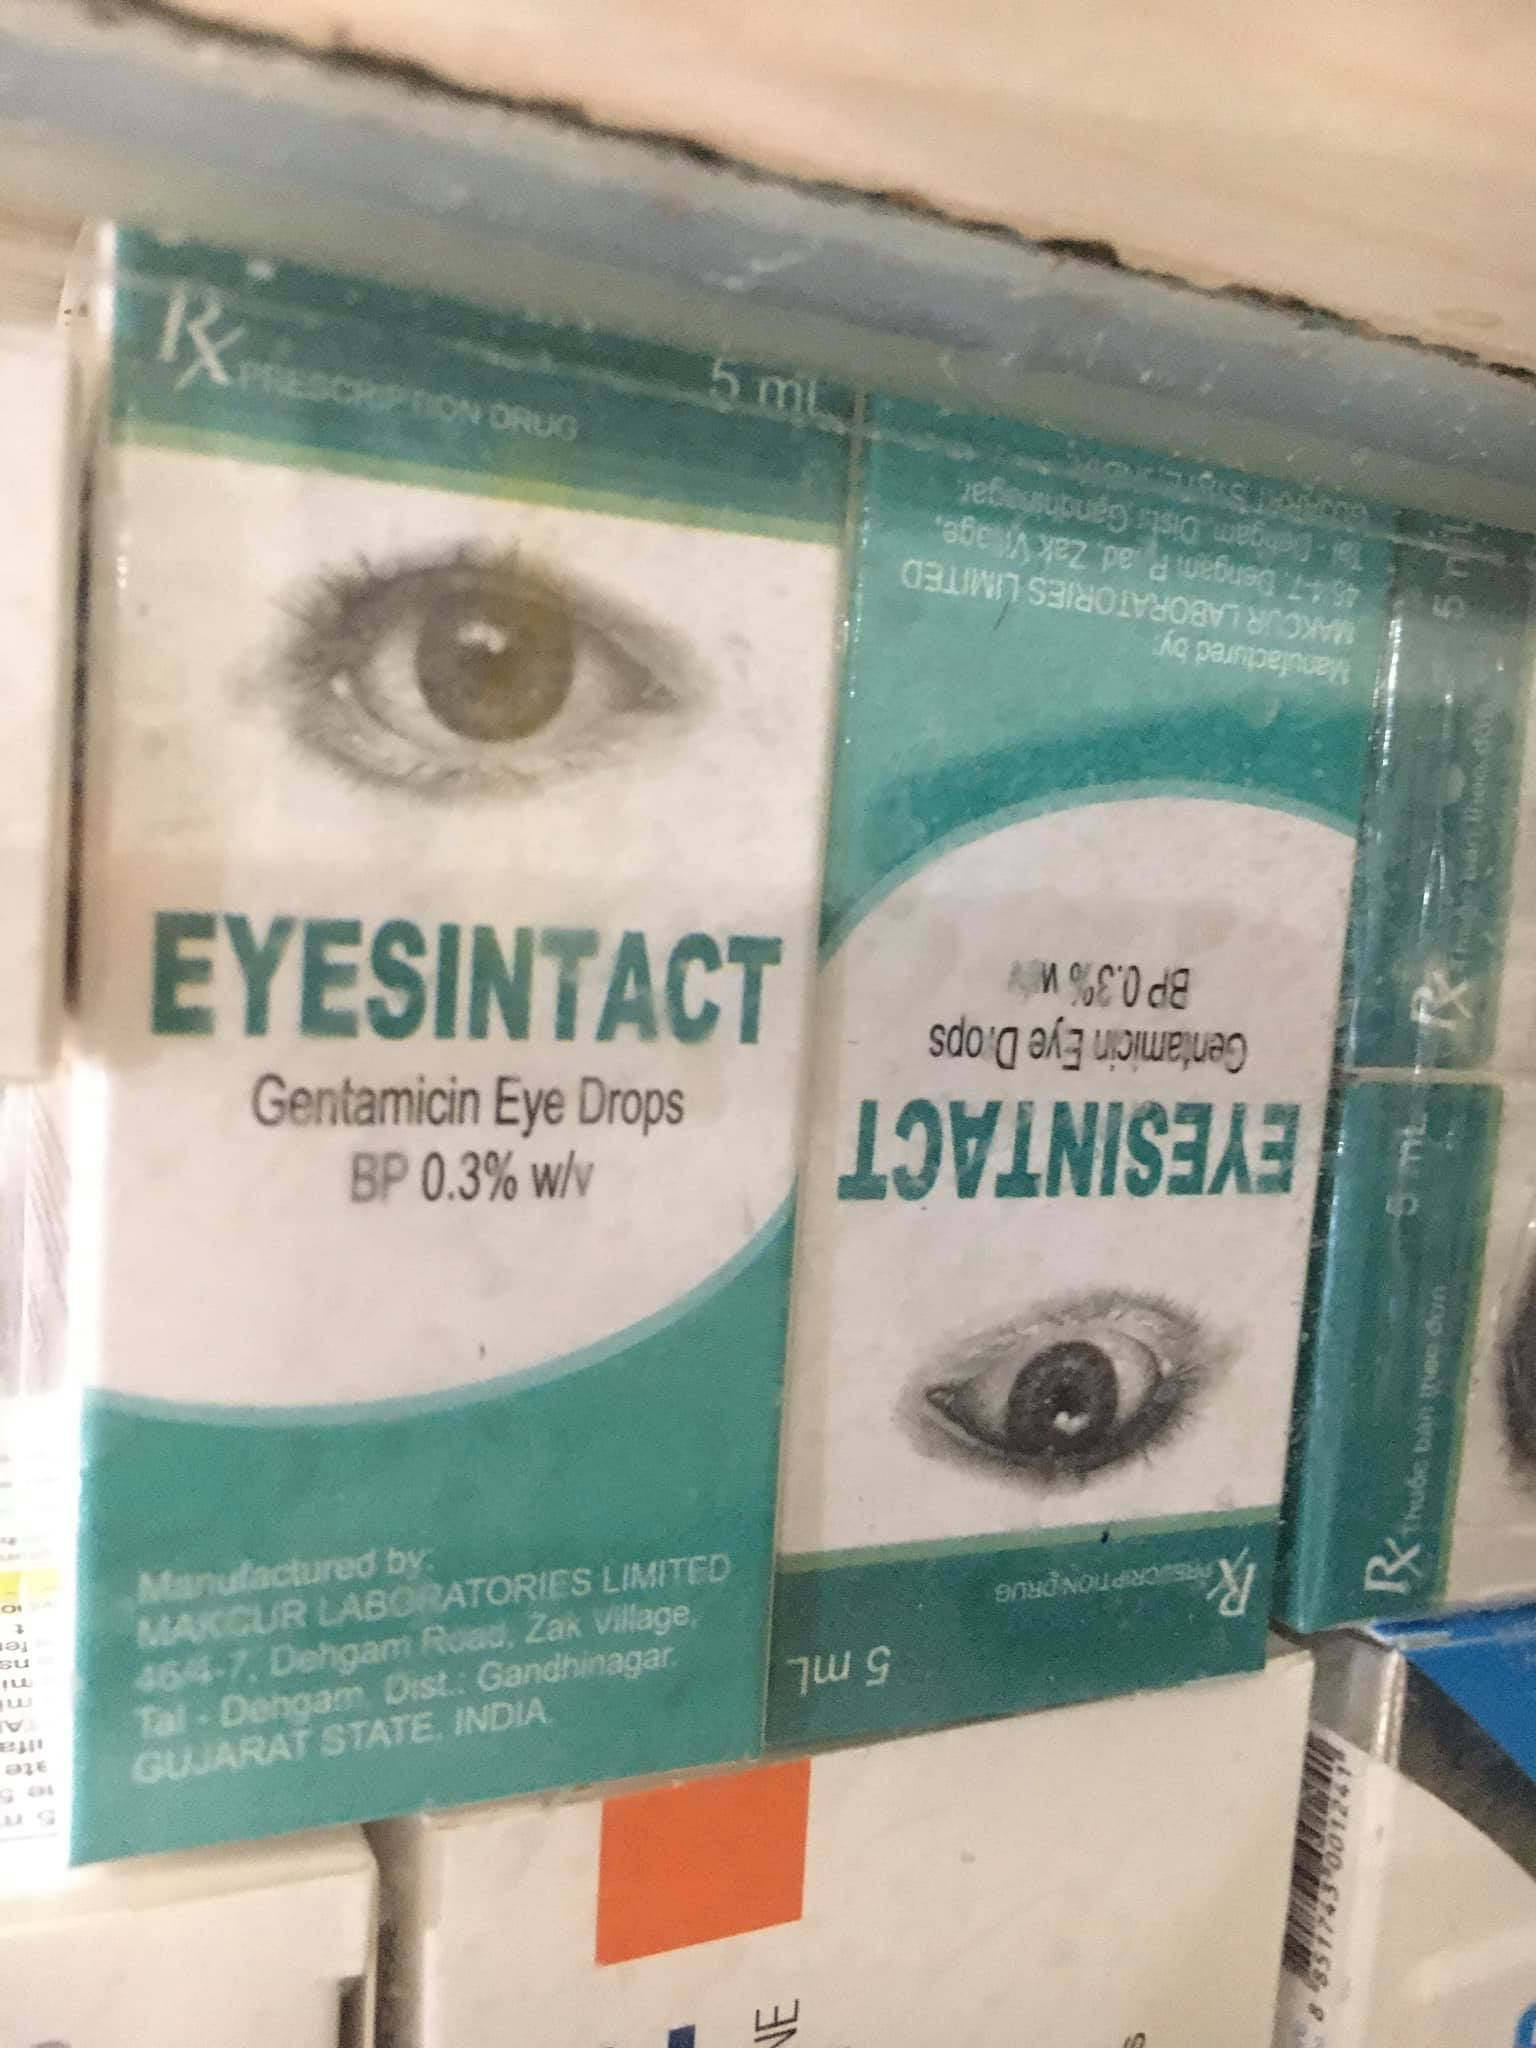 Eyesintact 5ml